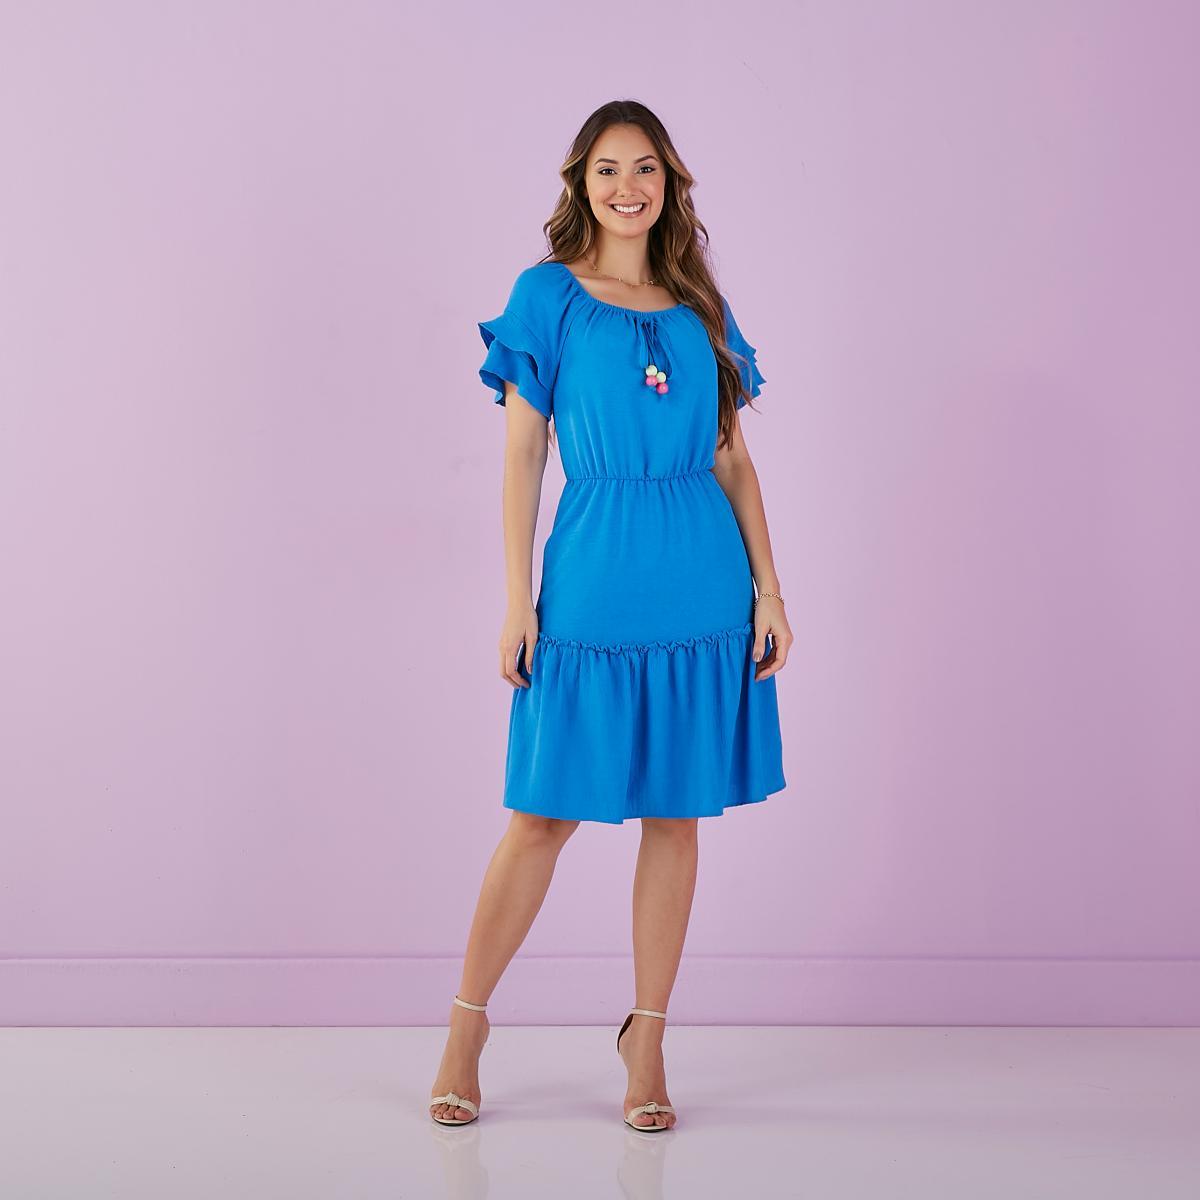 Vestido Gérbera De Crepe Decote Quadrado, Moda Evangélica - Tatá Martello